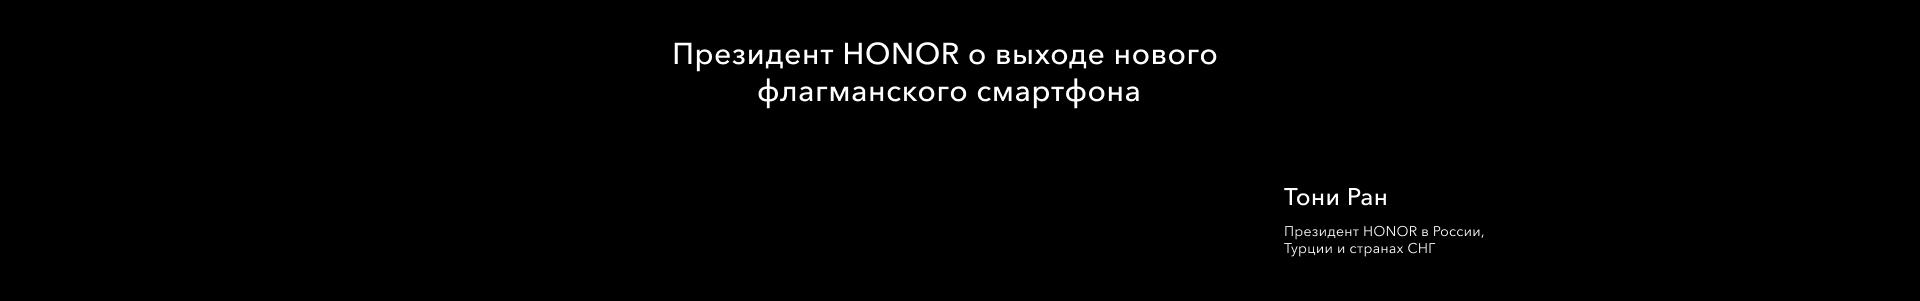 Президент HONOR о выходе нового флагманского смартфона